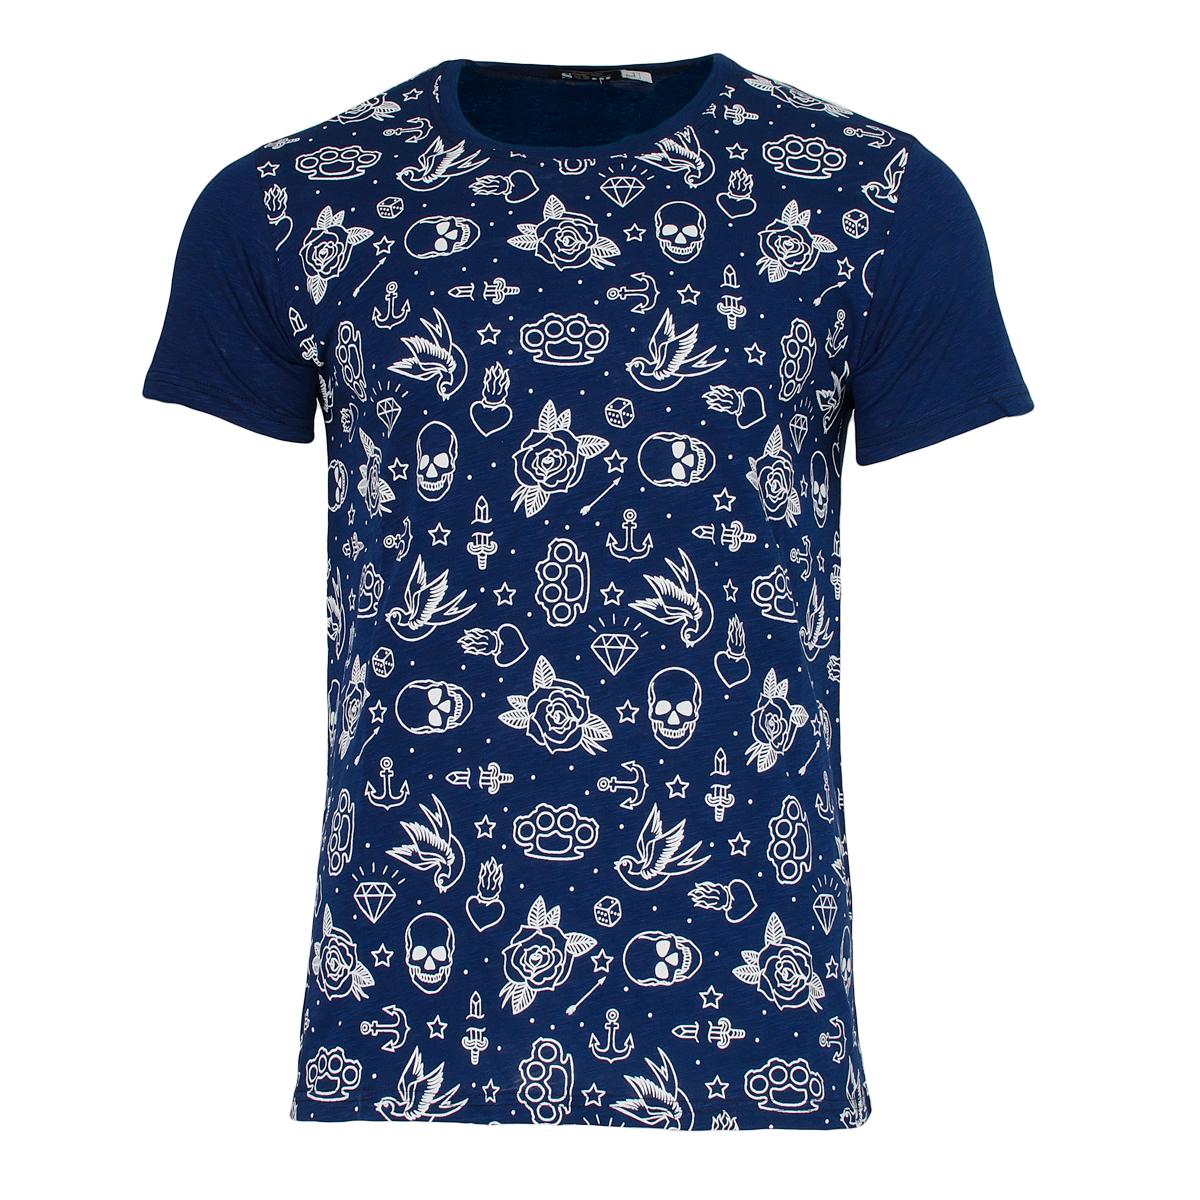 Ανδρικό Τ-shirt Skull Diamond-Ίντιγκο αρχική ανδρικά ρούχα επιλογή ανά προϊόν t shirts